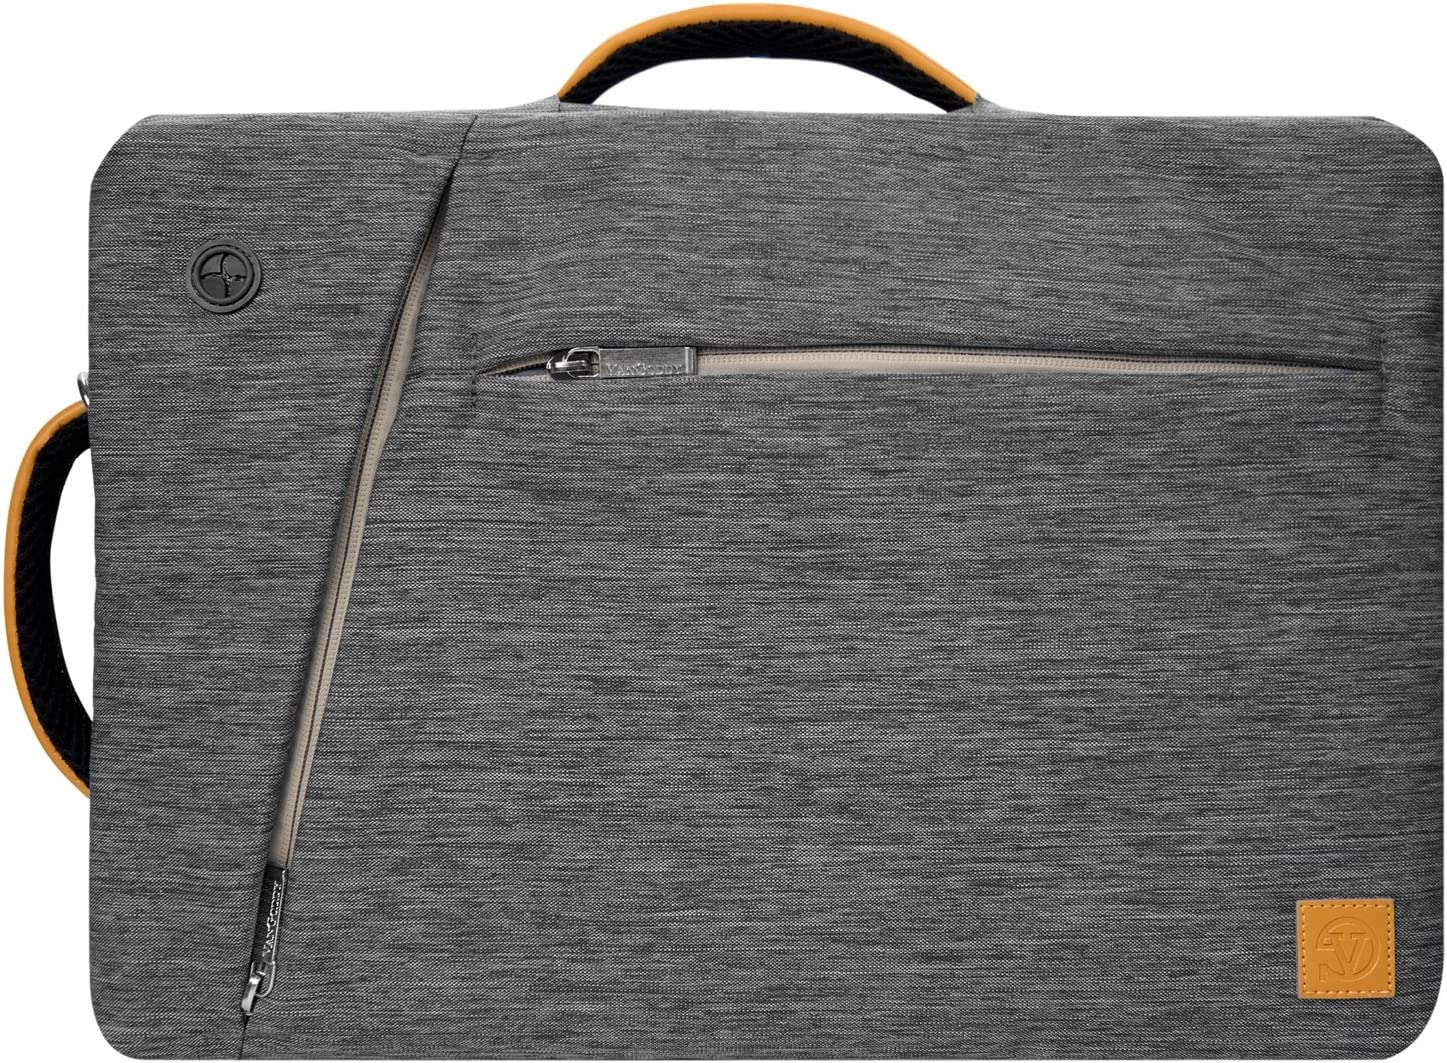 Vangoddy Slate Hybrid Briefcase Backpack Messenger Bag for Acer Laptop Up to 15.6 Black